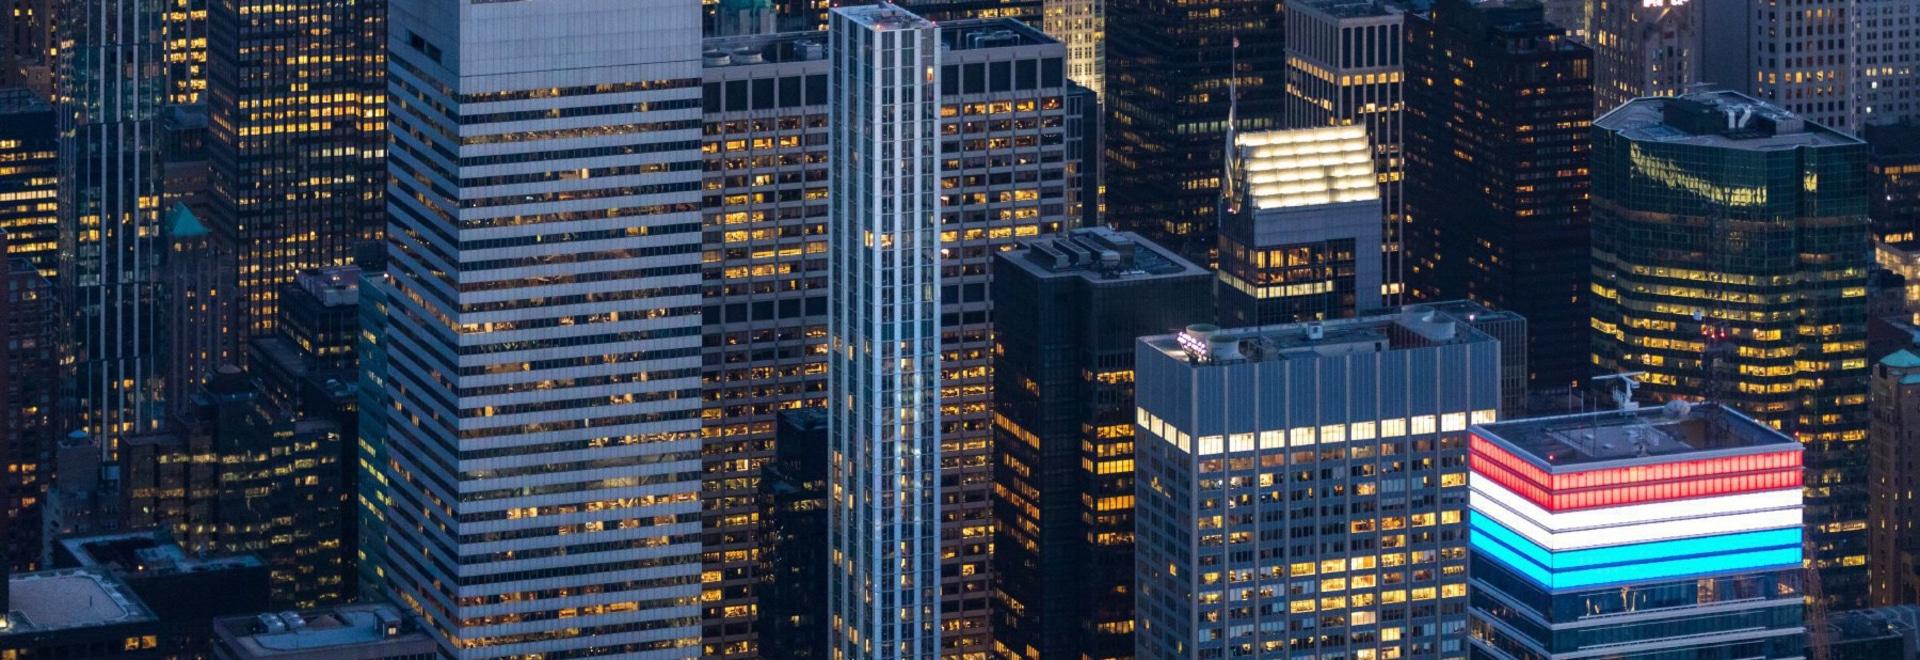 100 via di est cinquantatreesimo: promuova + grattacielo snello di New York dei partner è in via di realizzazione